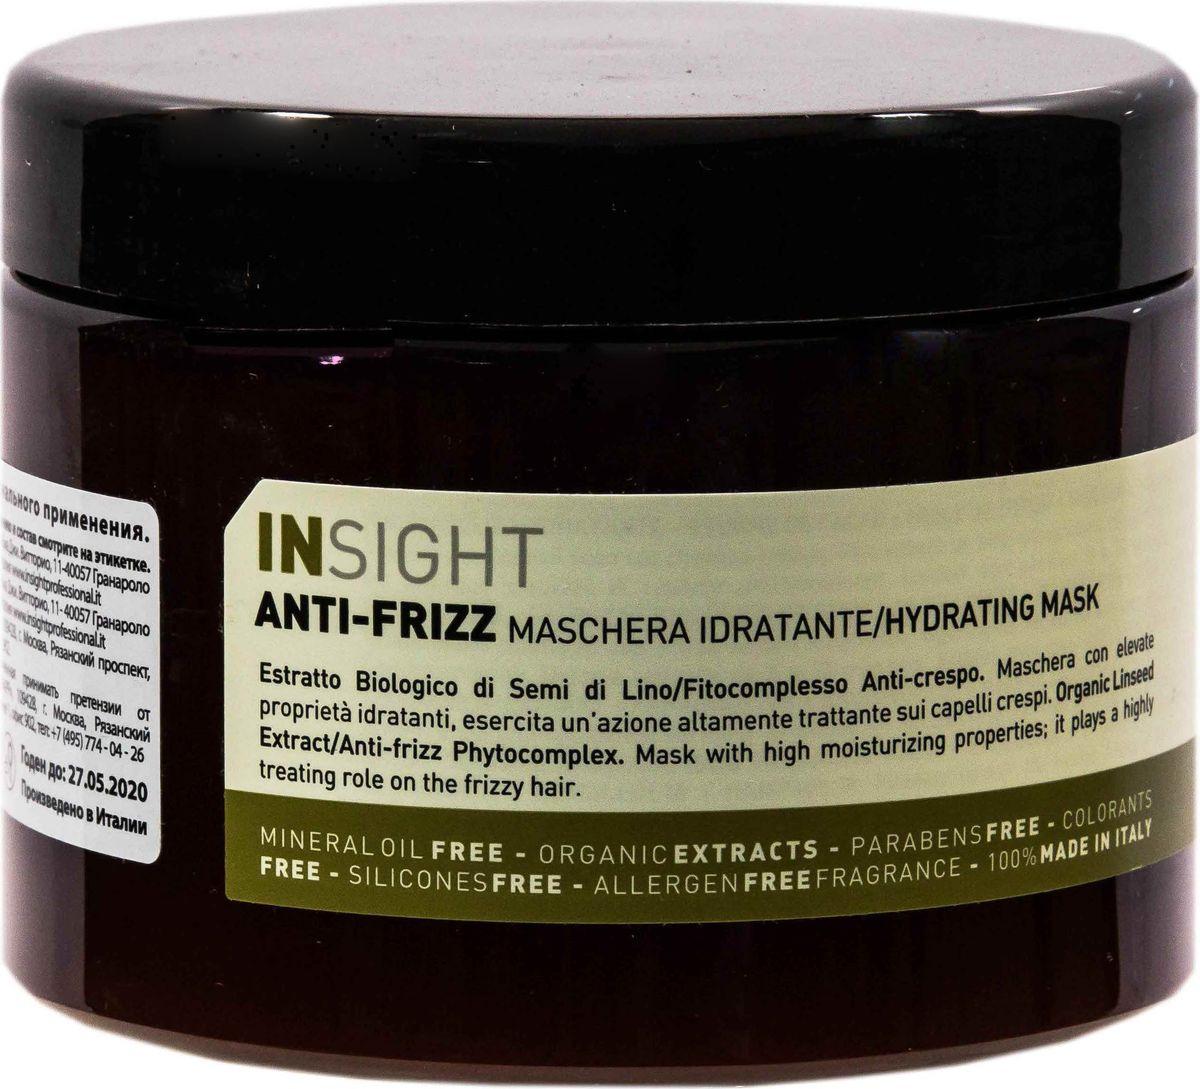 Разглаживающая маска для непослушных волос Insight Anti-Frizz, 500 мл